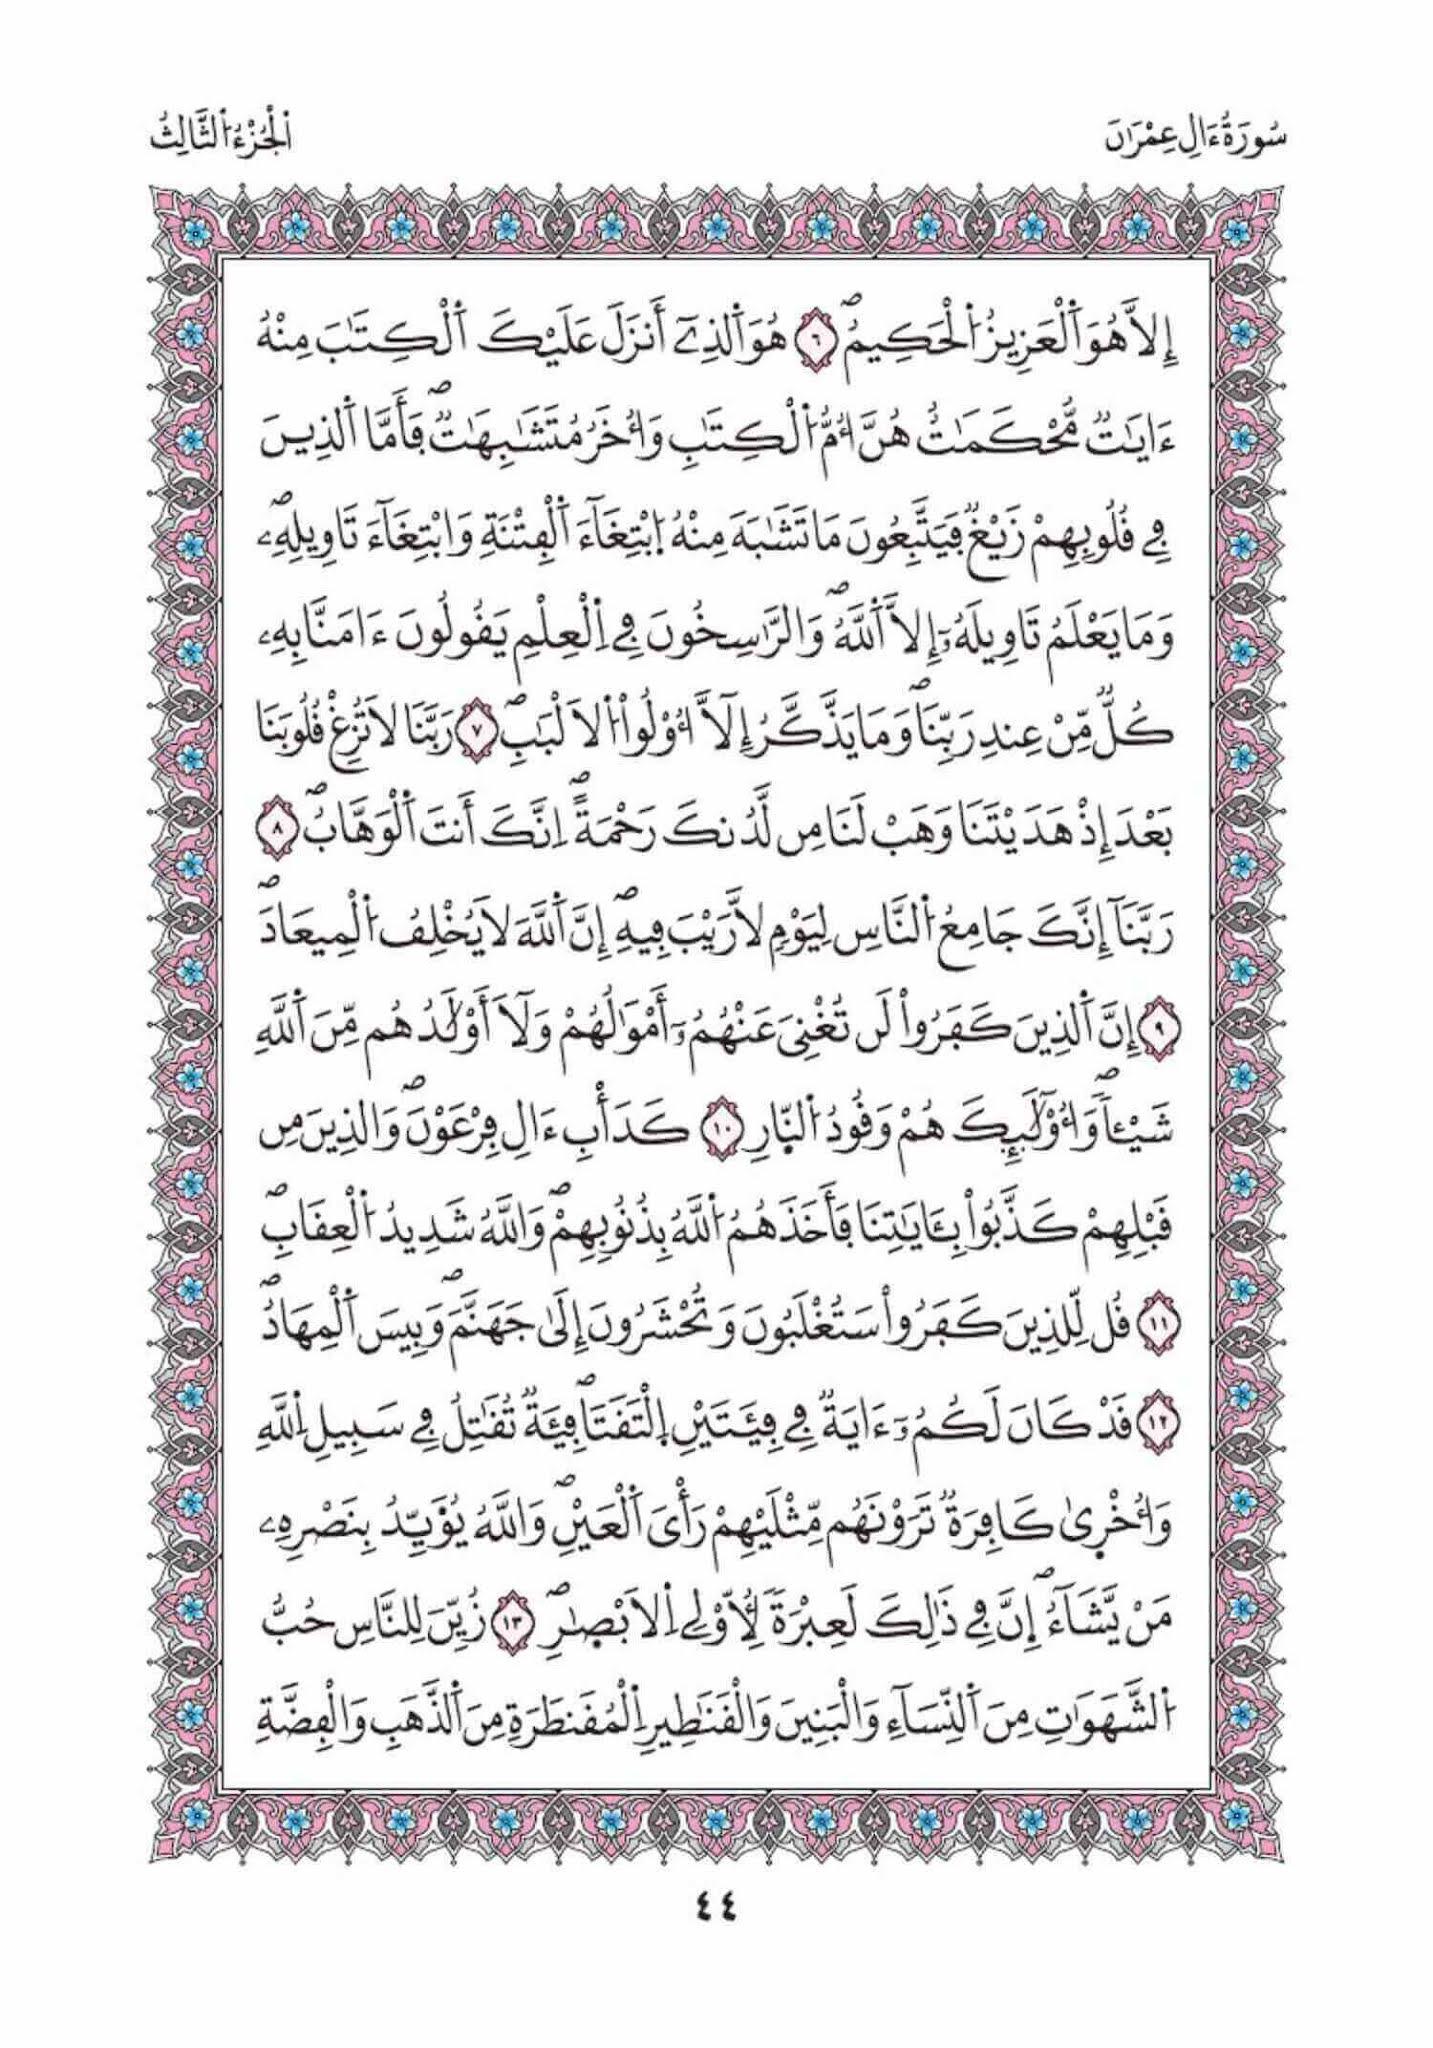 تحميل سورة آل عمران برواية ورش مكتوبة عن نافع الرسم العثماني pdf